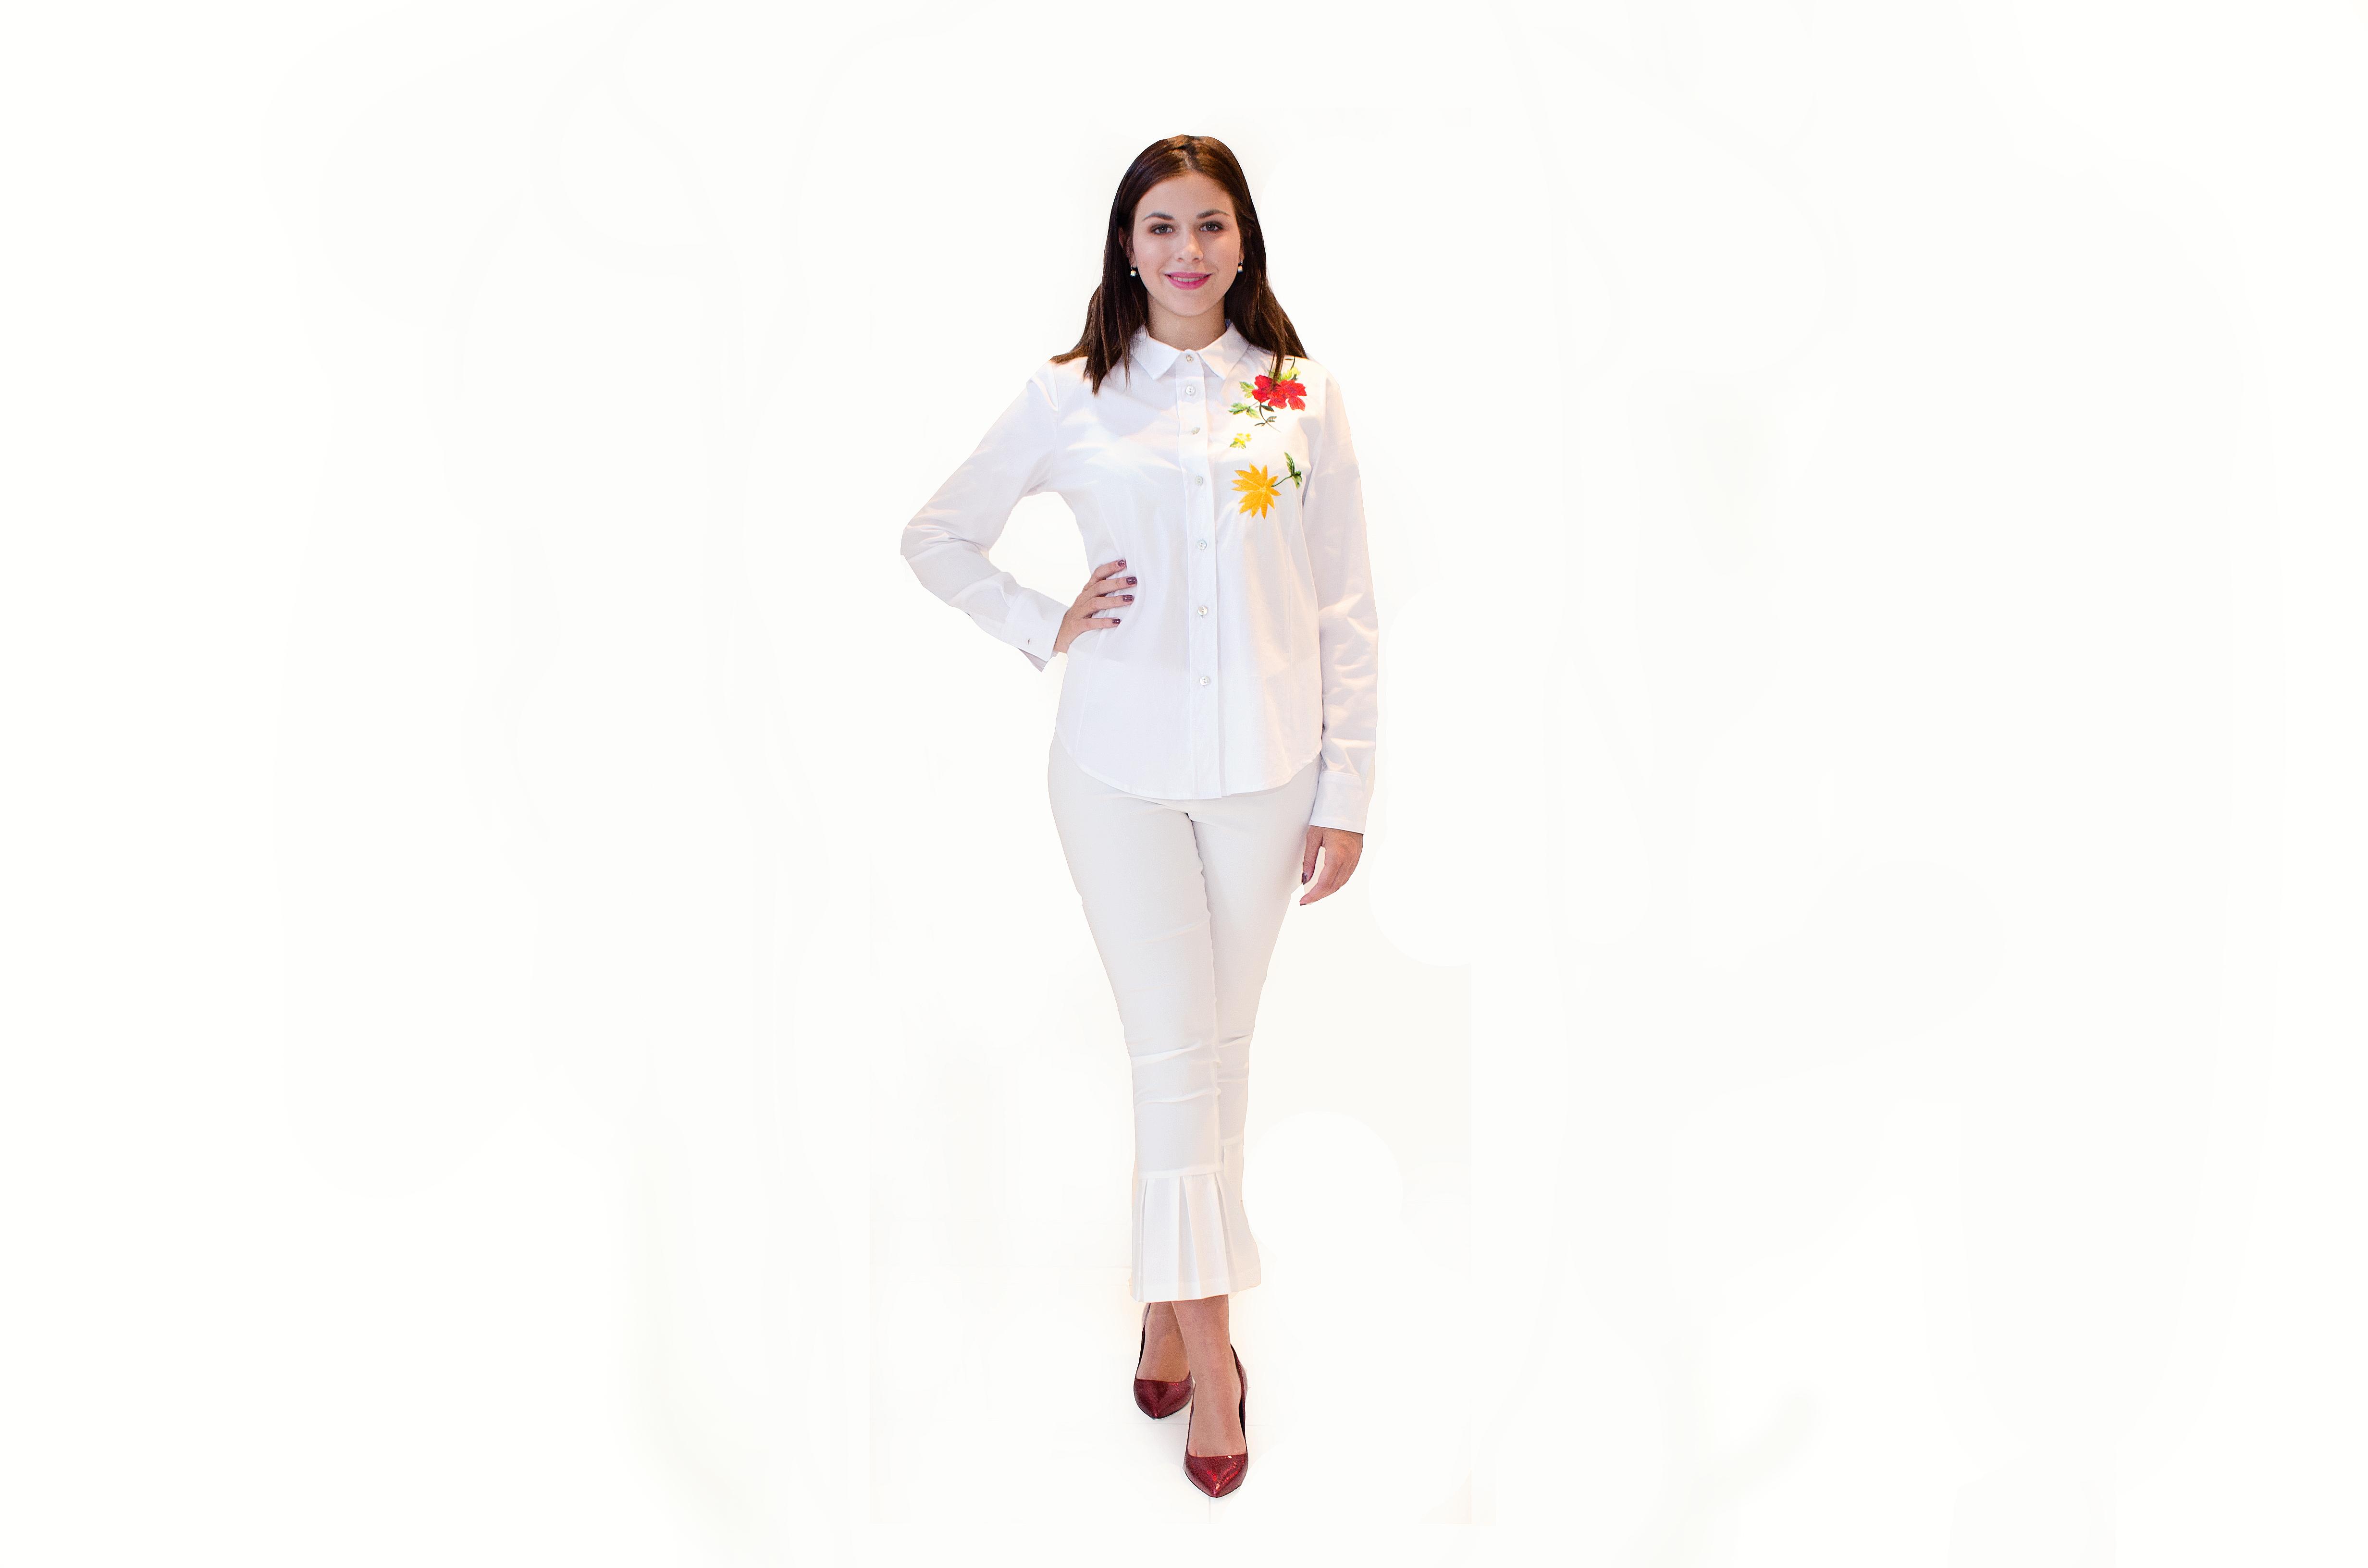 produkt_Bíla košile s výšivkou květů